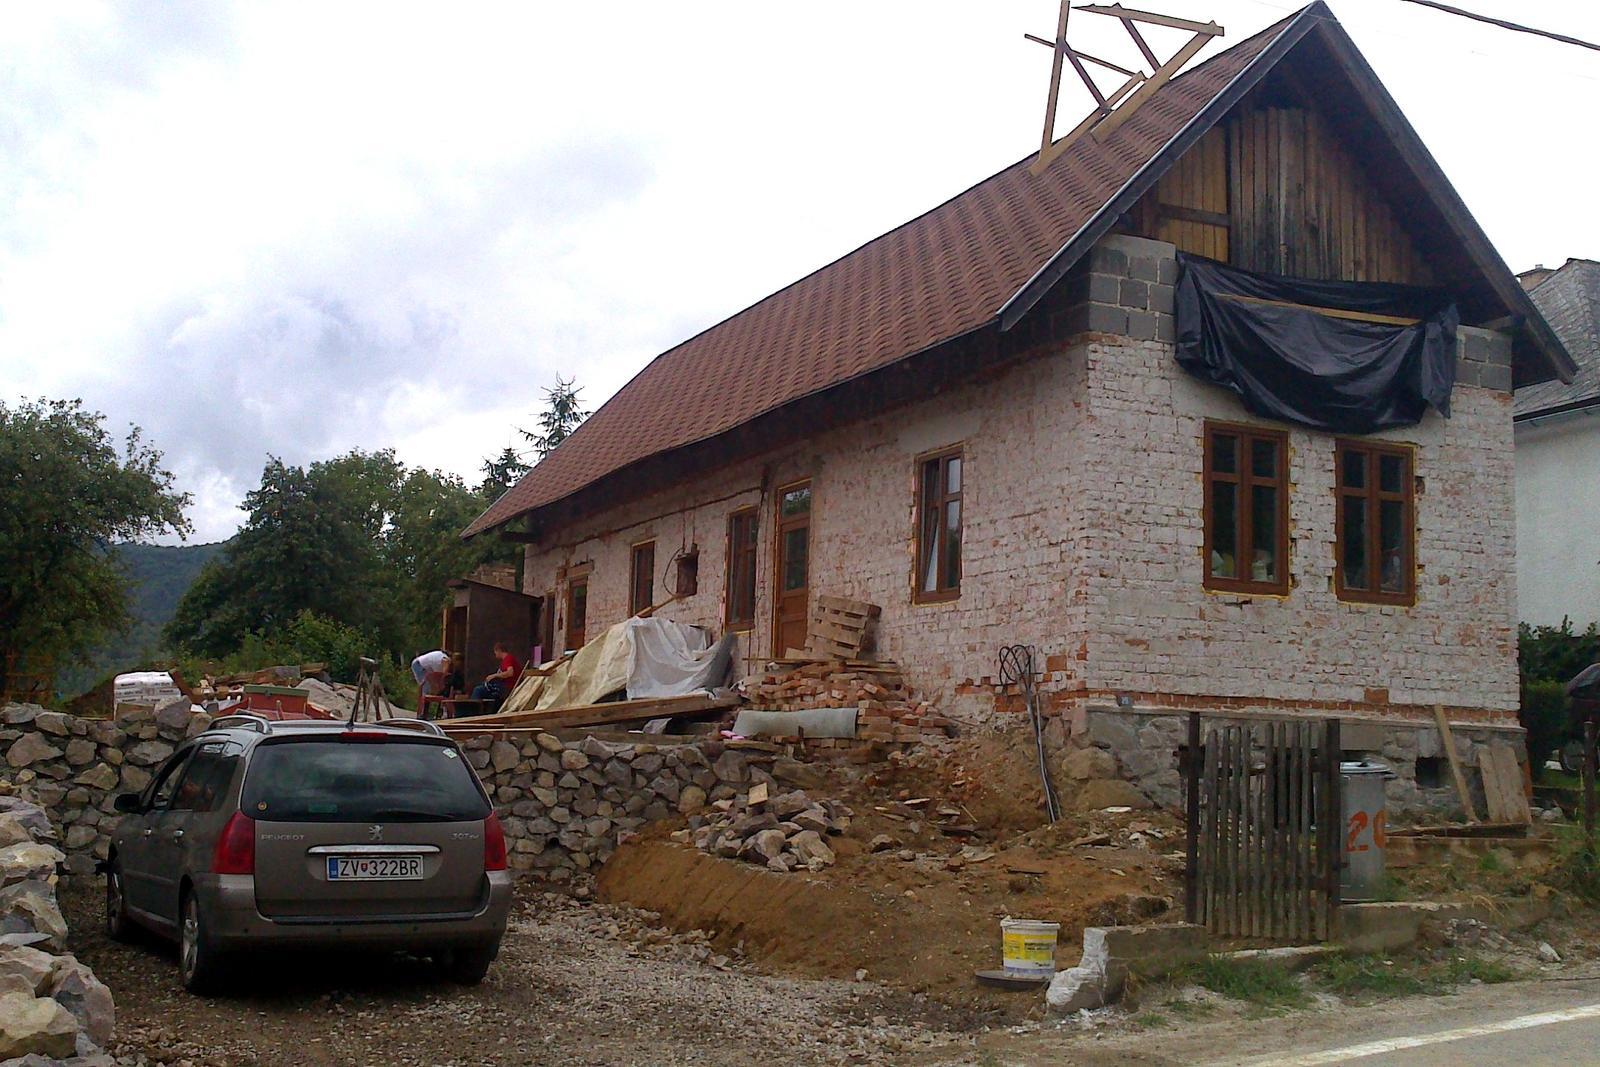 Rekonštrukcia domčeka z roku 1937 - Jún / júl 2014 - vnútri sú už vyliate betóny, posunuté niektoré priečky, natiahnuté omietky. Oporný kamenný múr rastie